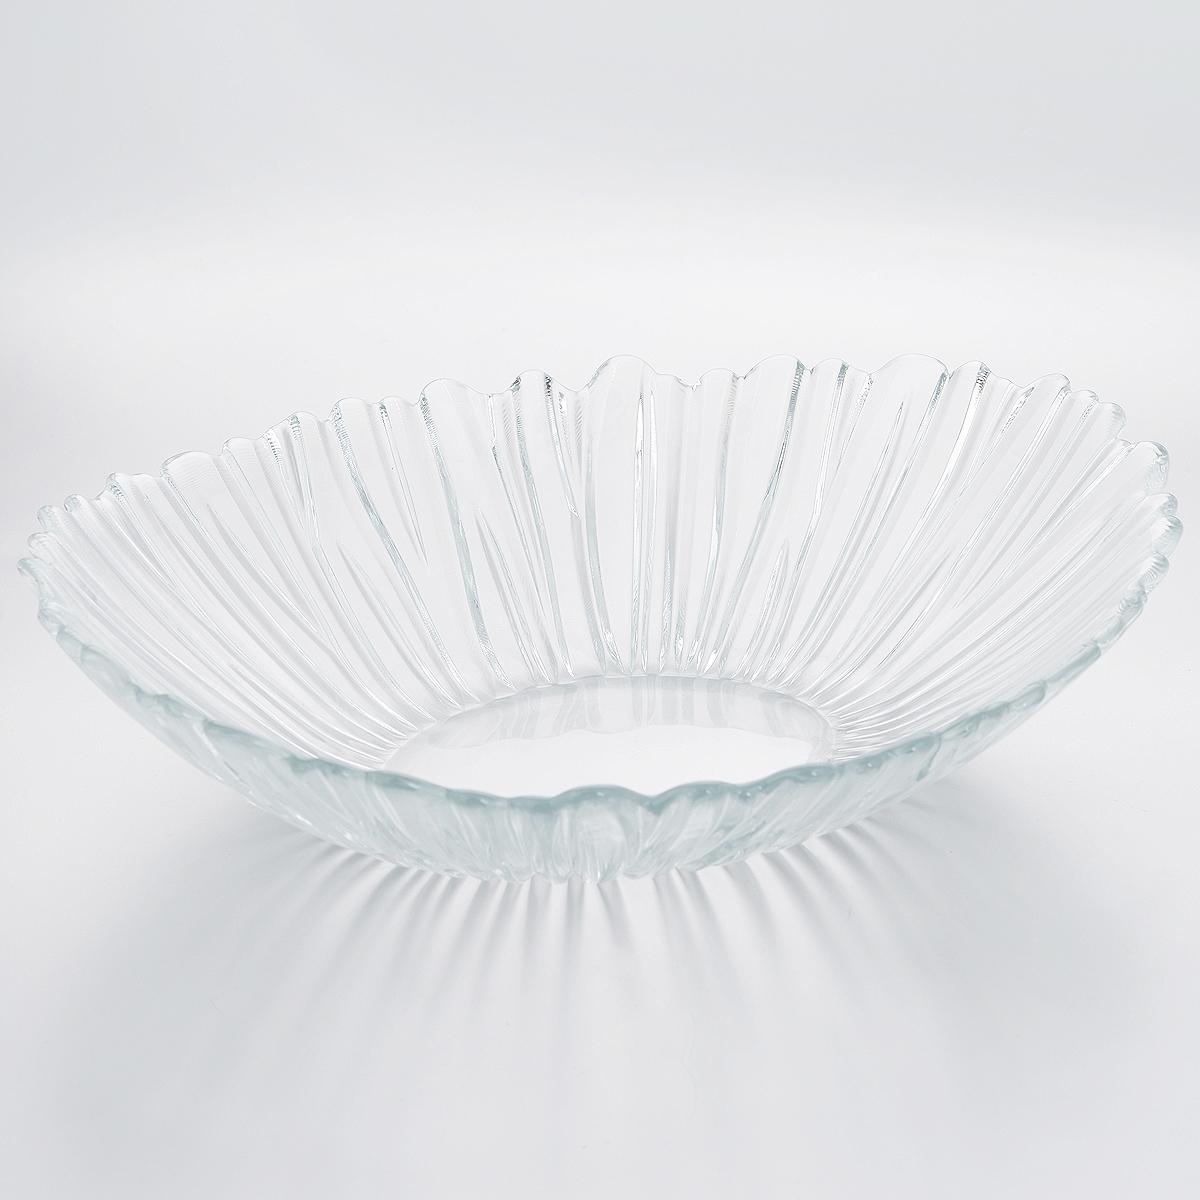 Салатник Pasabahce Аврора, 33 х 26 х 8,5 см10611BСалатник Pasabahce Аврора изготовлен из прочного закаленного натрий-кальций-силикатного стекла с повышенной термостойкостью. Изделие имеет овальную форму, стенки украшены изящным рельефом. Салатник прекрасно подходит для подачи салатов, закусок и других блюд, например, мяса. Салатник красиво оформит праздничный стол и удивит вас стильным дизайном. Можно мыть в посудомоечной машине и использовать в микроволновой печи.